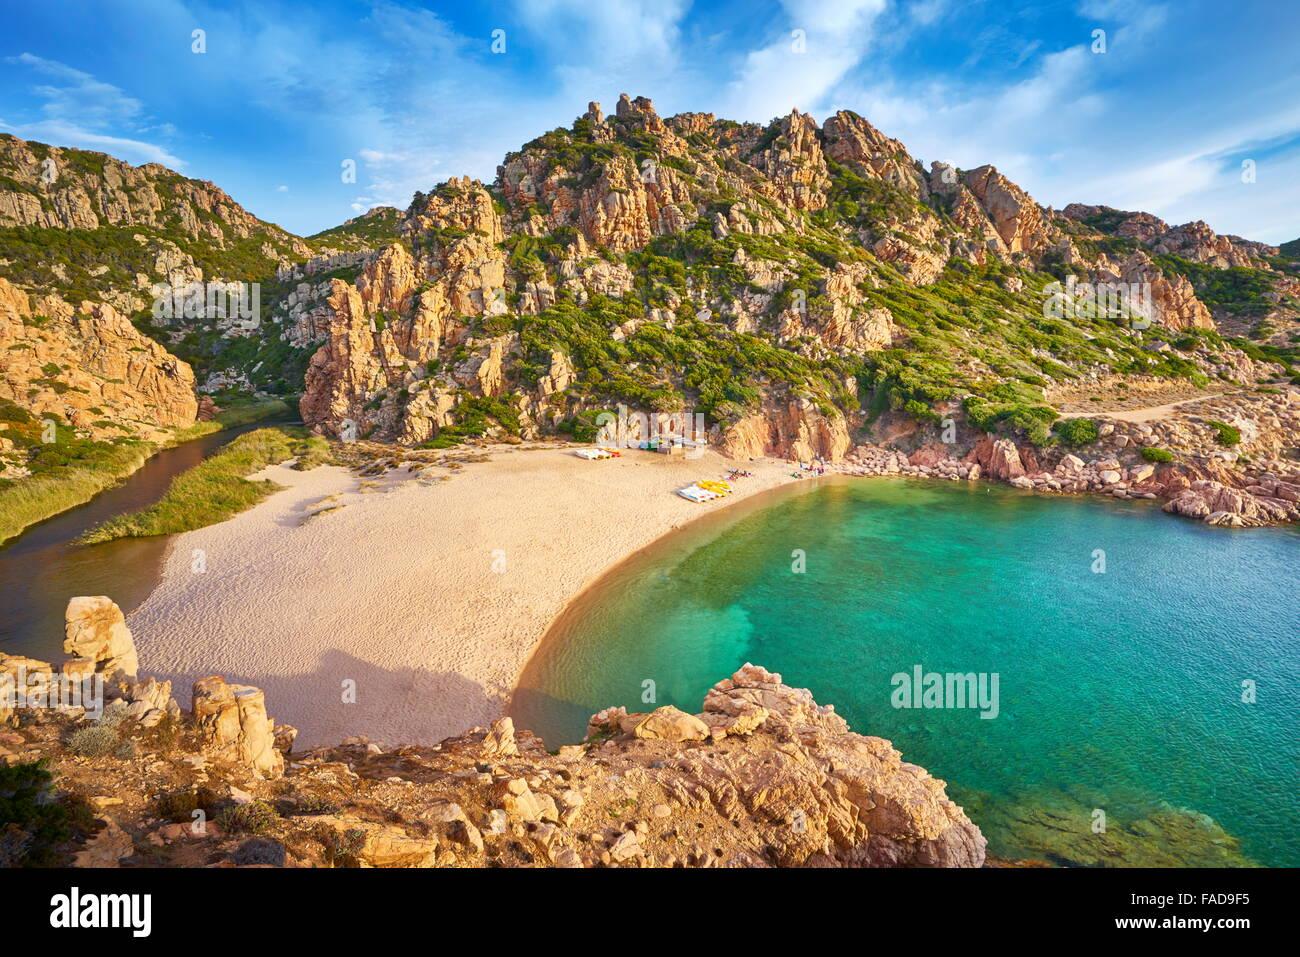 Cerdeña - Costa Paradiso Beach, Italia Imagen De Stock